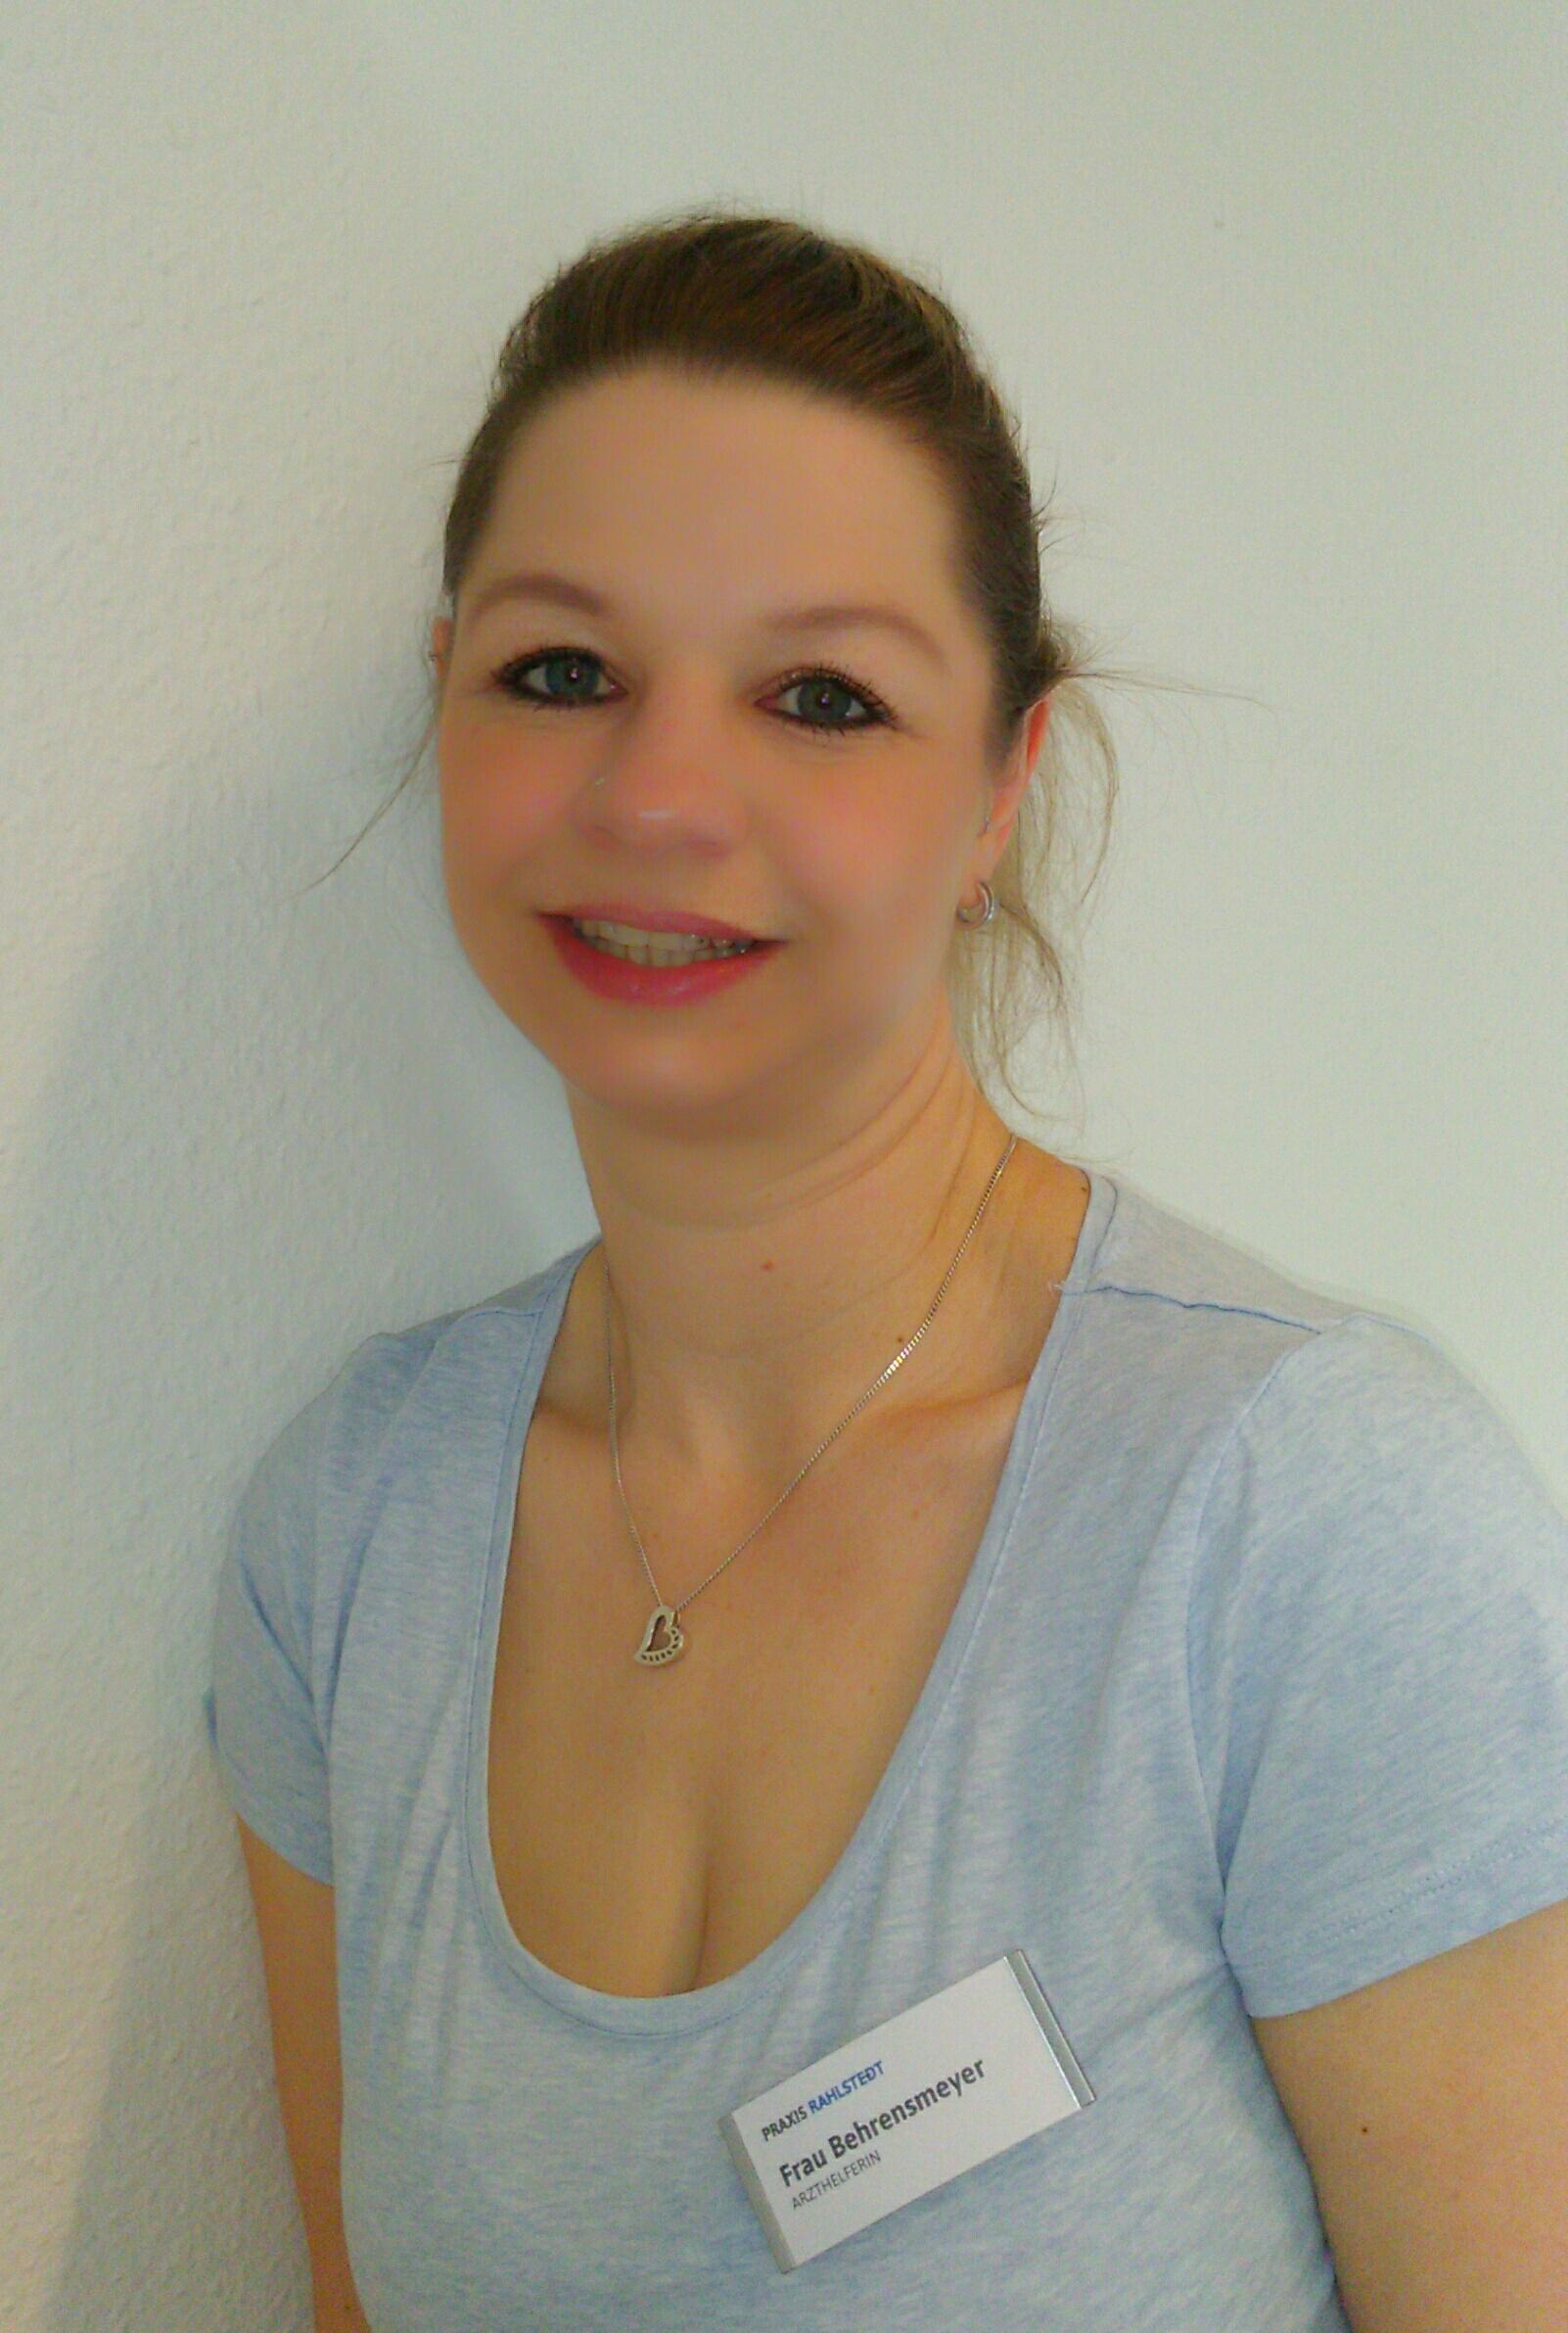 Frau Behrensmeyer